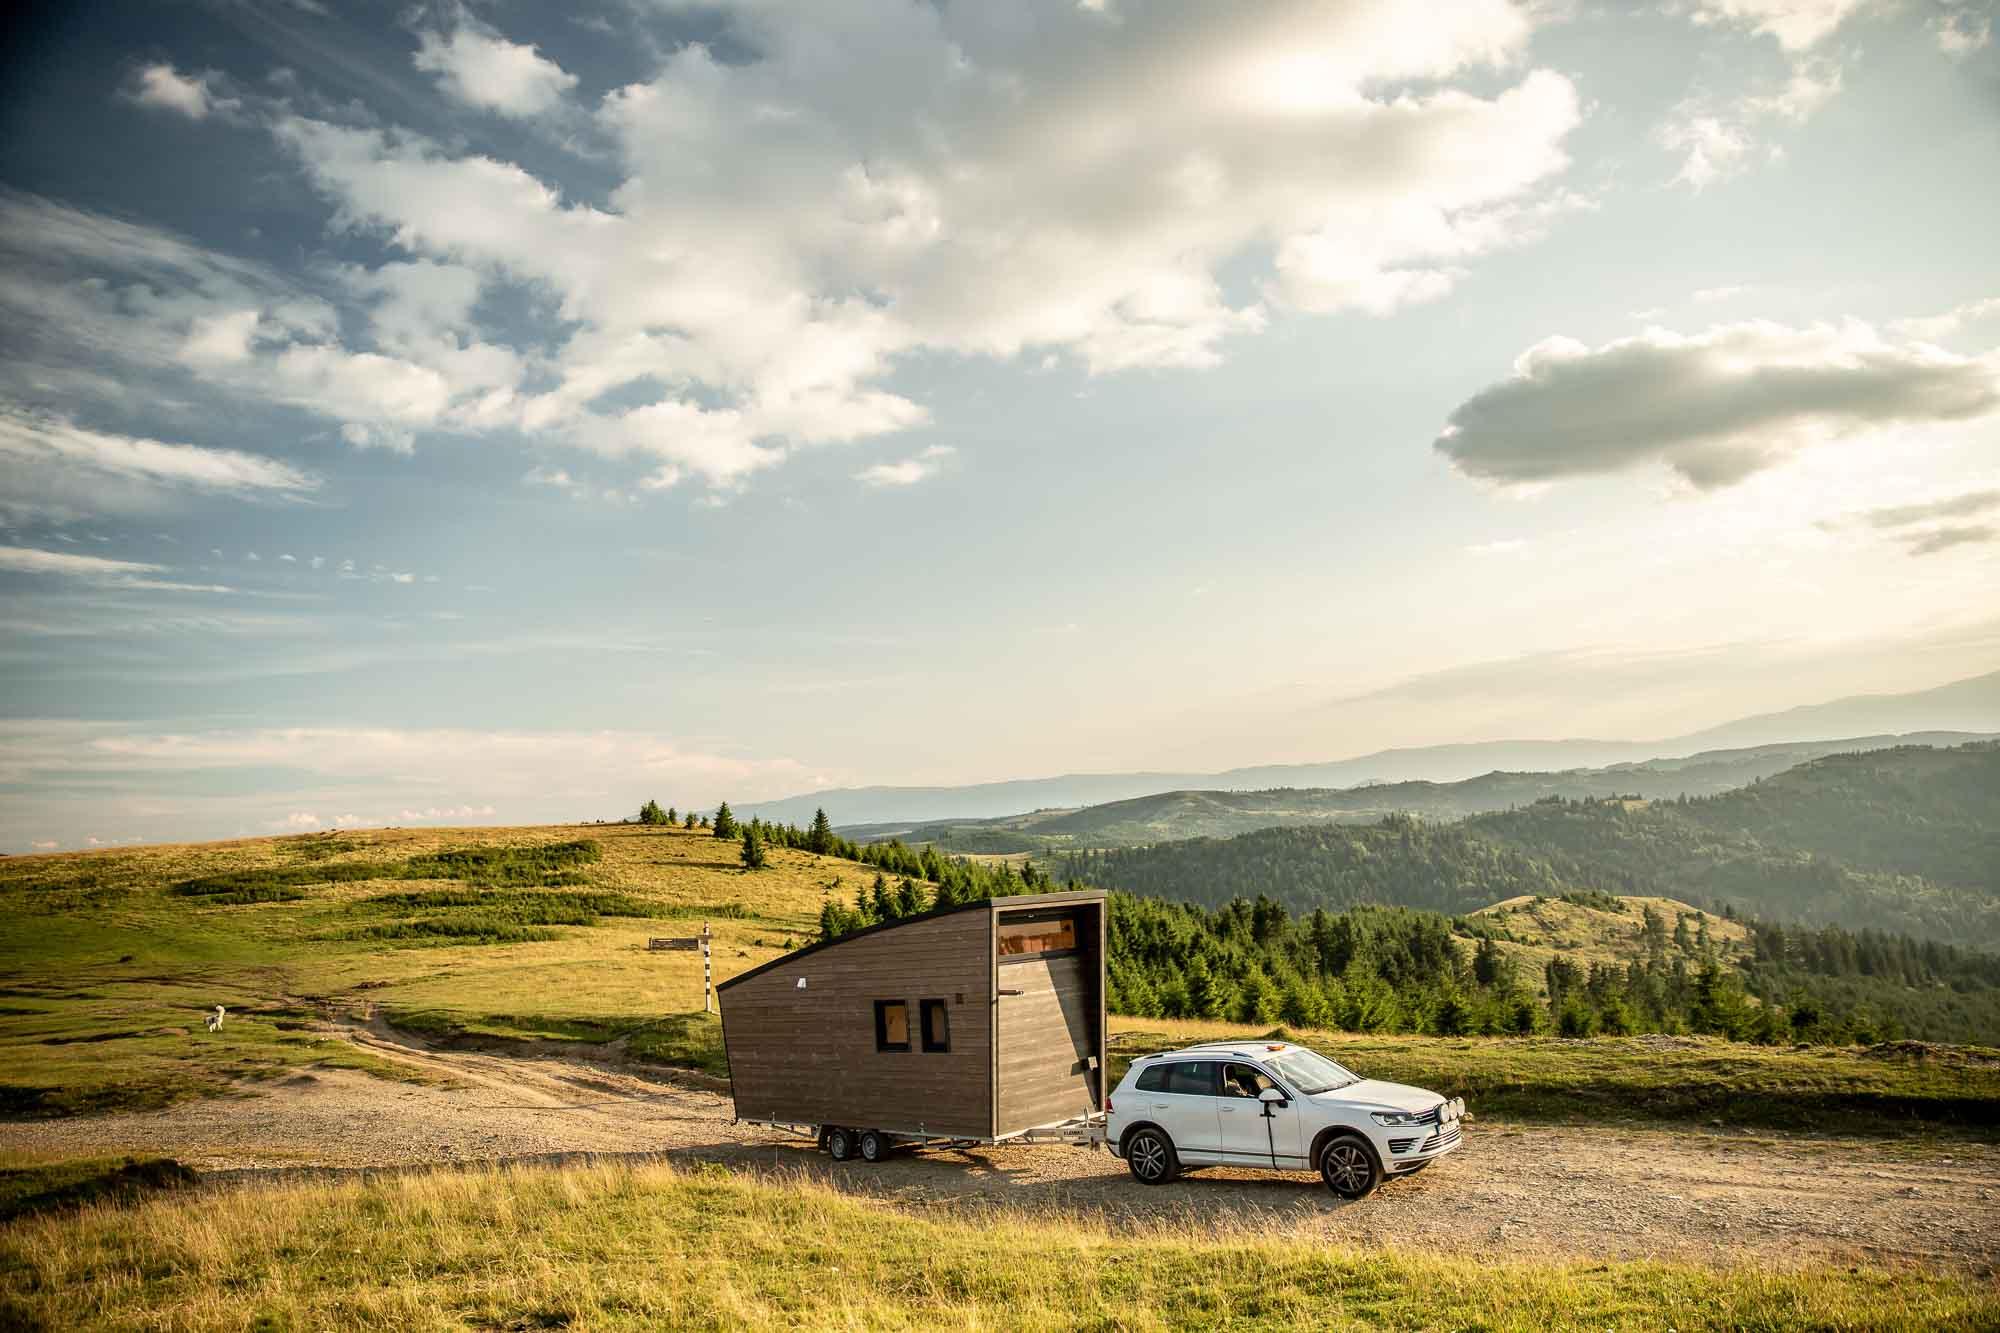 Tiny House auf einem Anhänger, das von einem weißen Geländewagen auf einer Schotterstraße durch die Berge gezogen wird